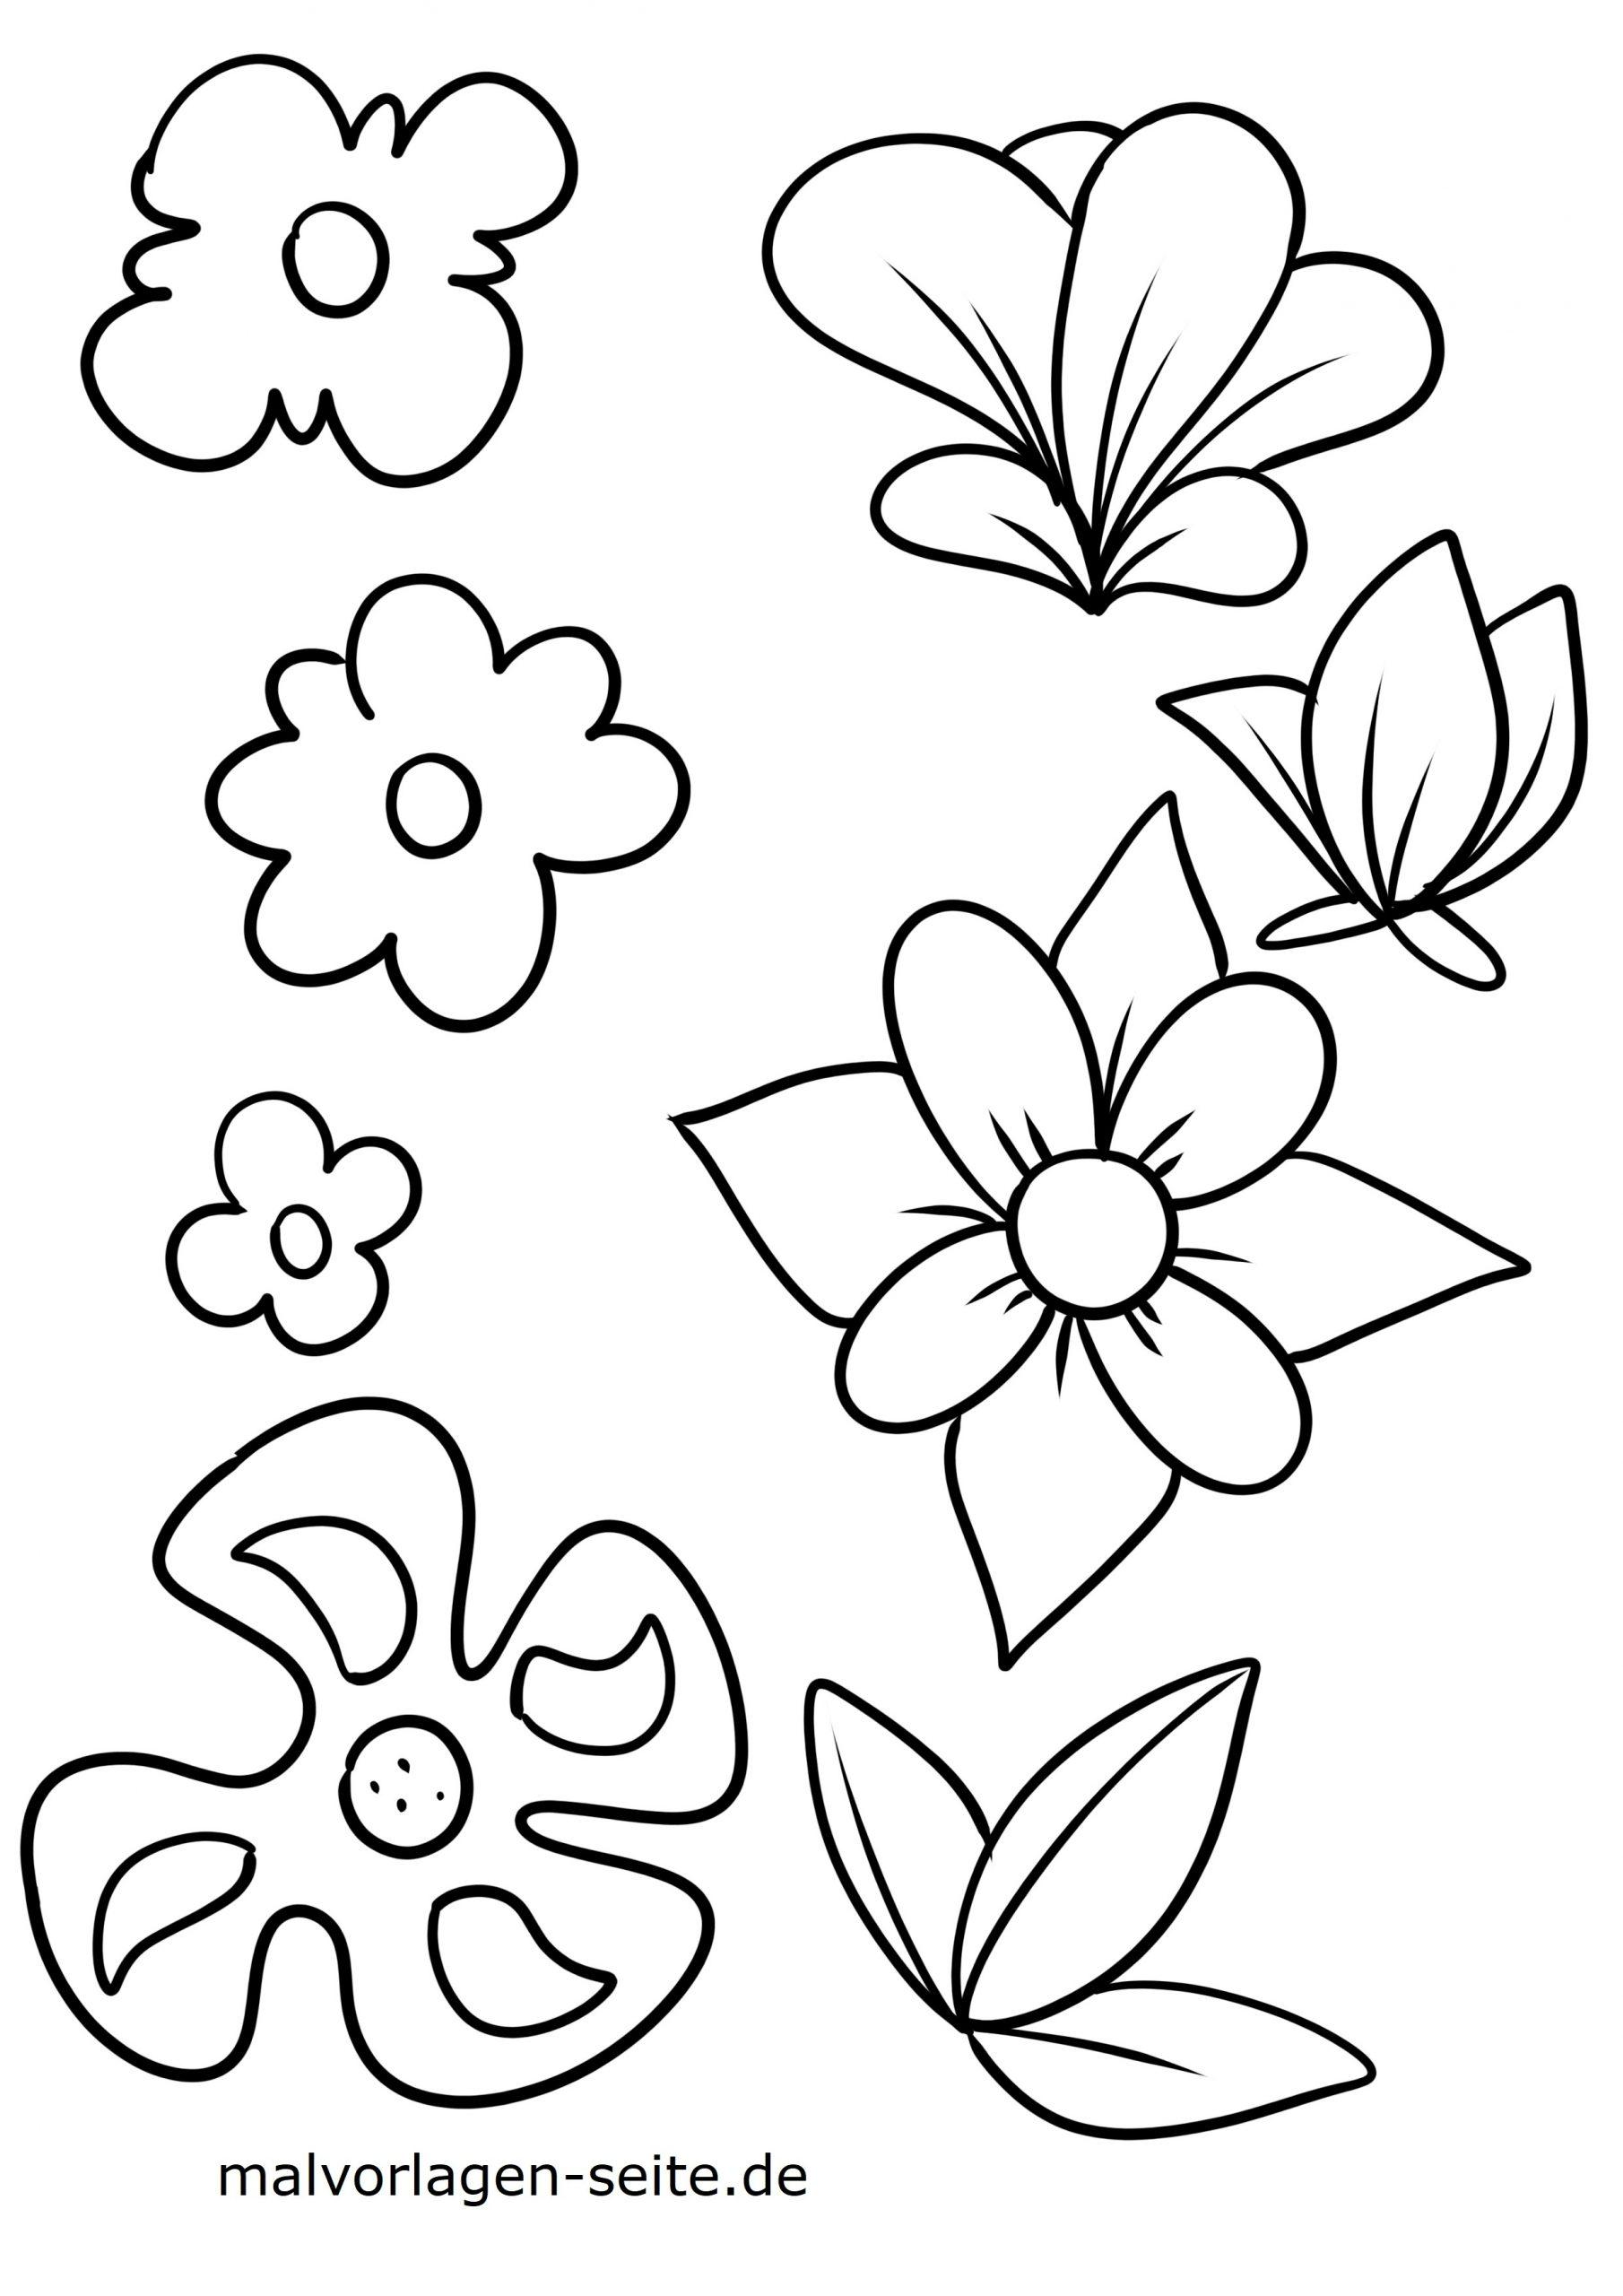 Malvorlage Blumen Blüten - Ausmalbilder Kostenlos Herunterladen mit Blumen Ausmalbilder Gratis